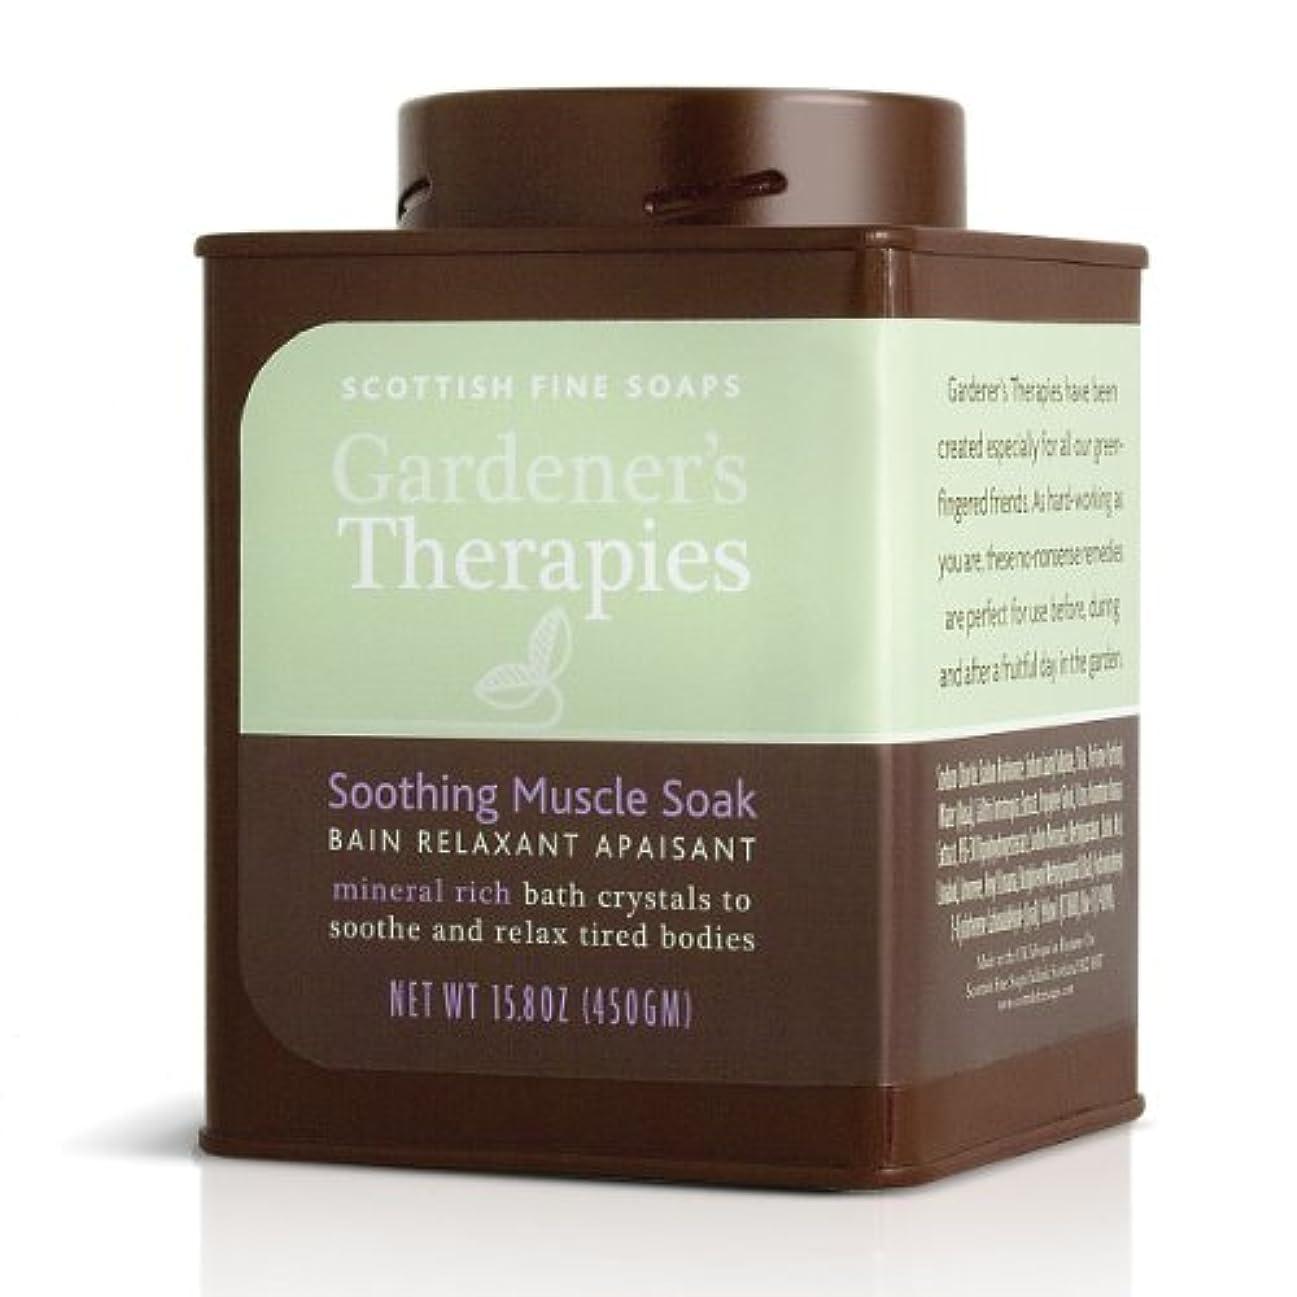 ストリップ不安定なのスコアSCOTTISH FINE SOAPS(スコティッシュファインソープ) Gardener's Therapies(ガーデンセラピーシリーズ) リラクシングバスパウダー 500g 5016365005548